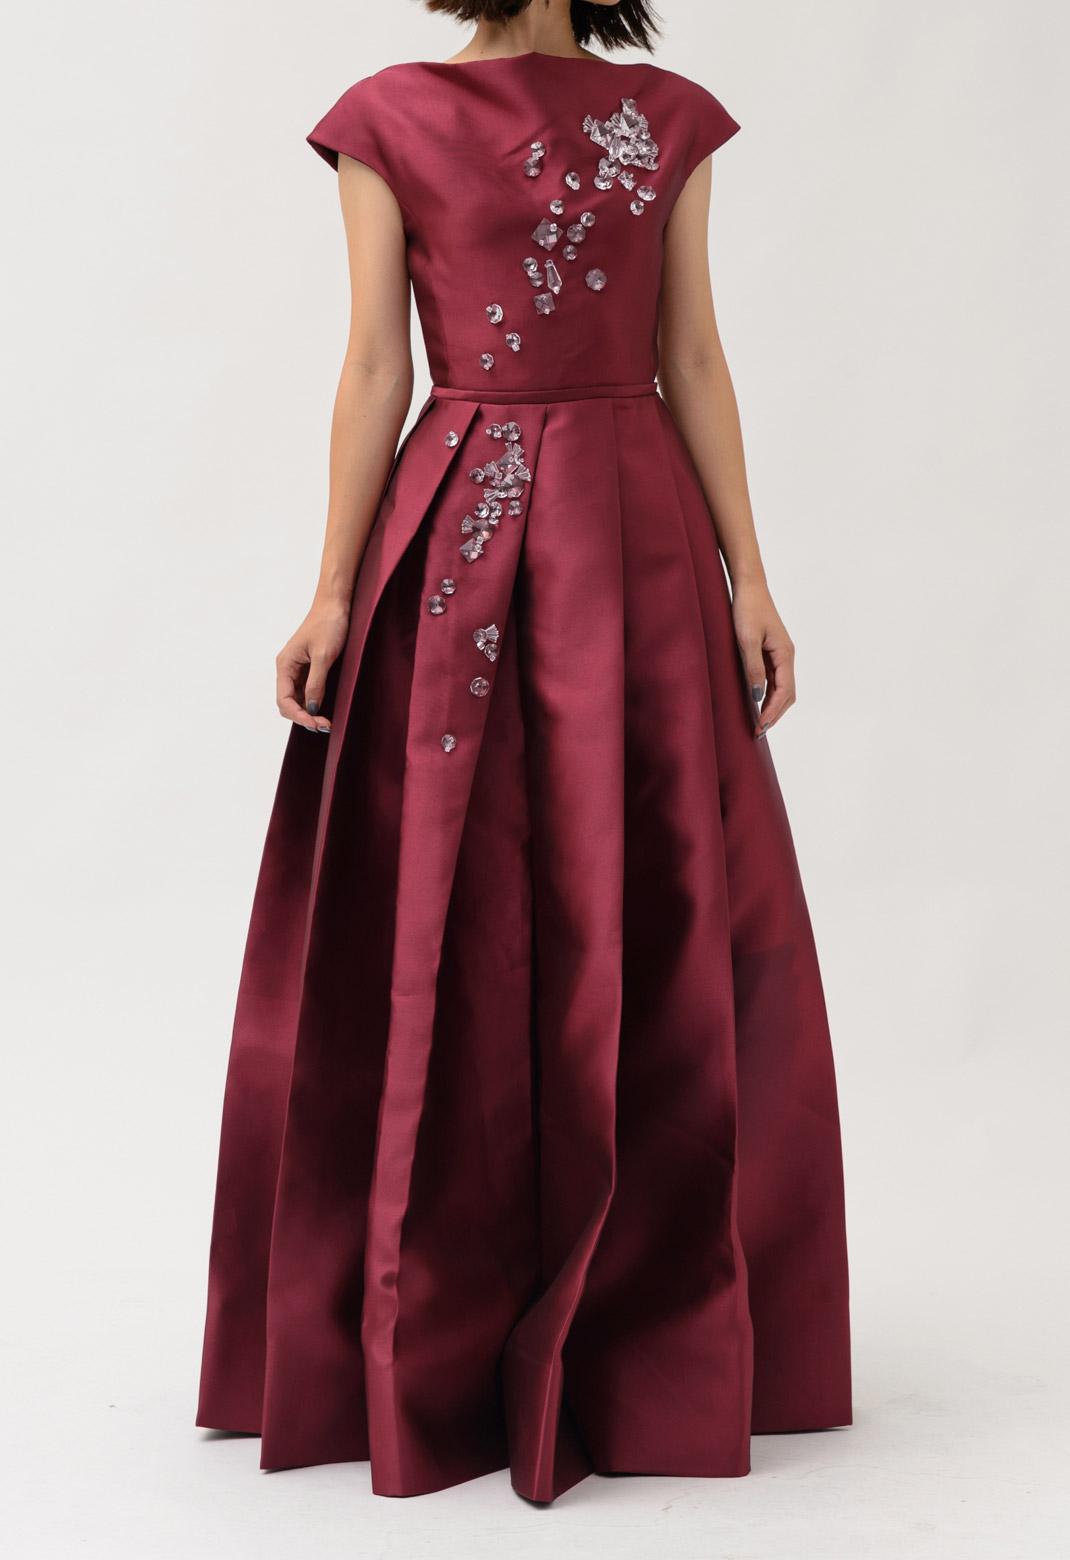 フロントビジュー飾り フレンチスリーブ ドレス